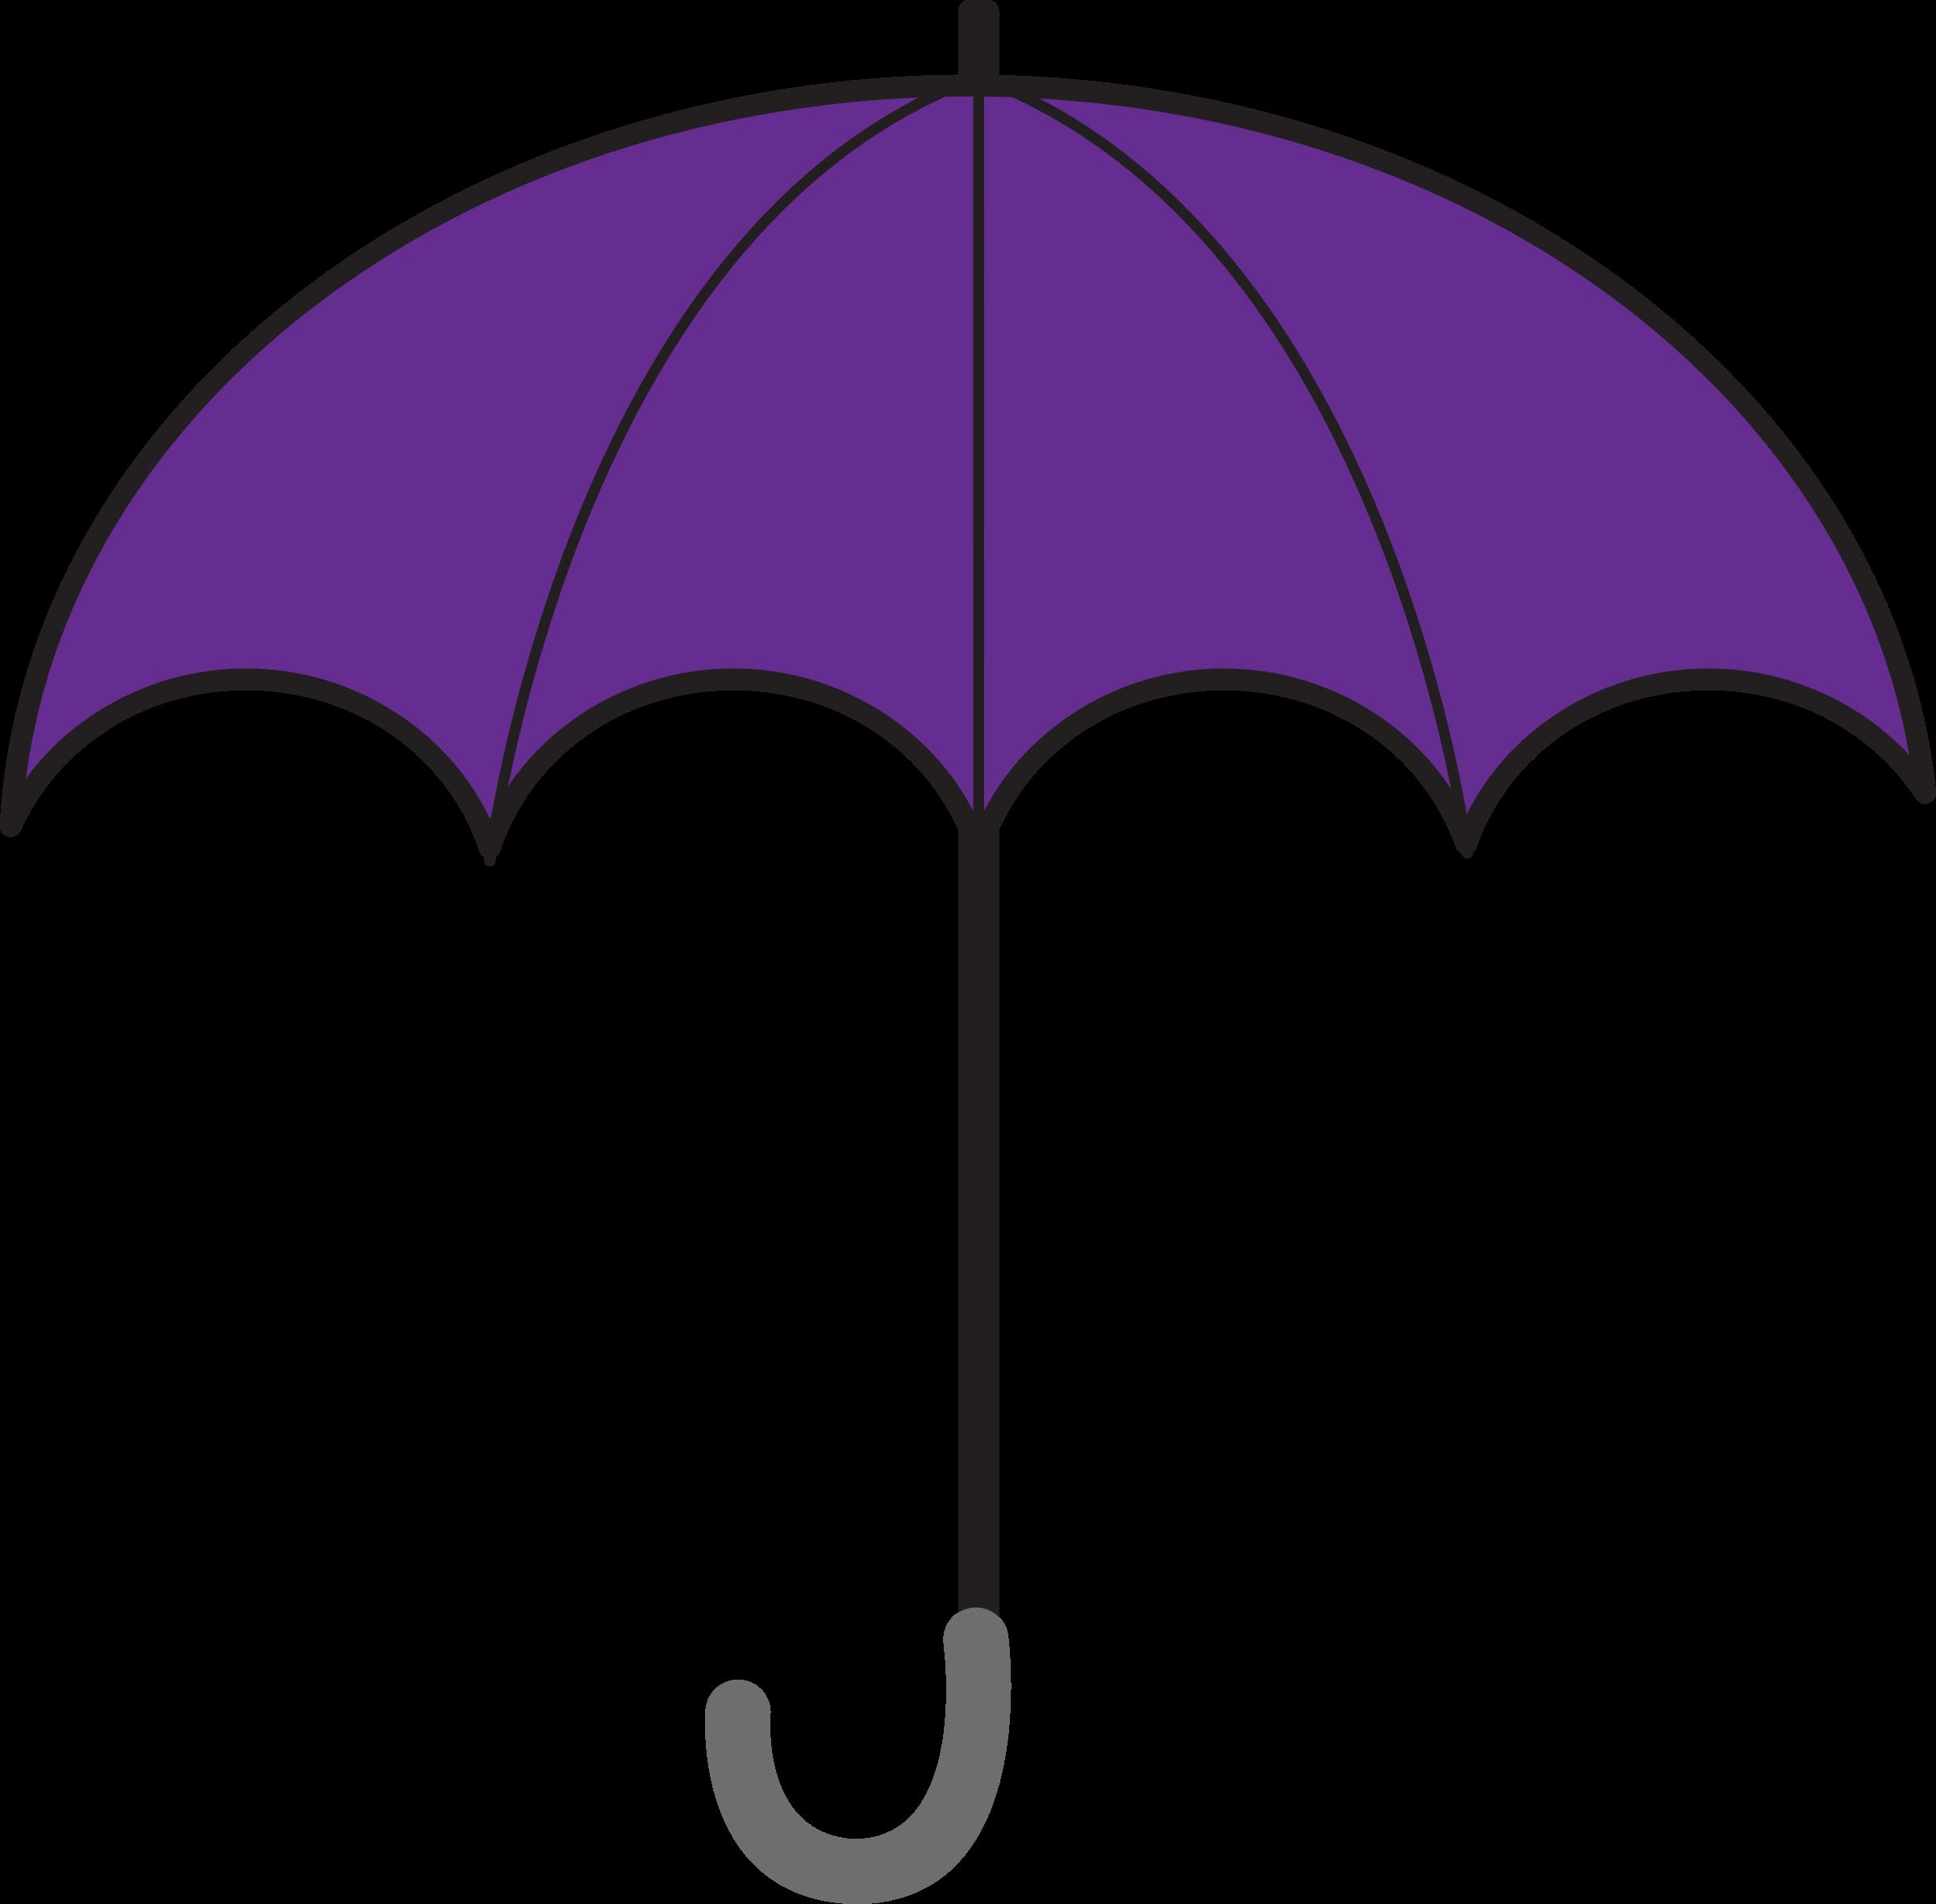 HQ Umbrella Wallpapers | File 120.62Kb